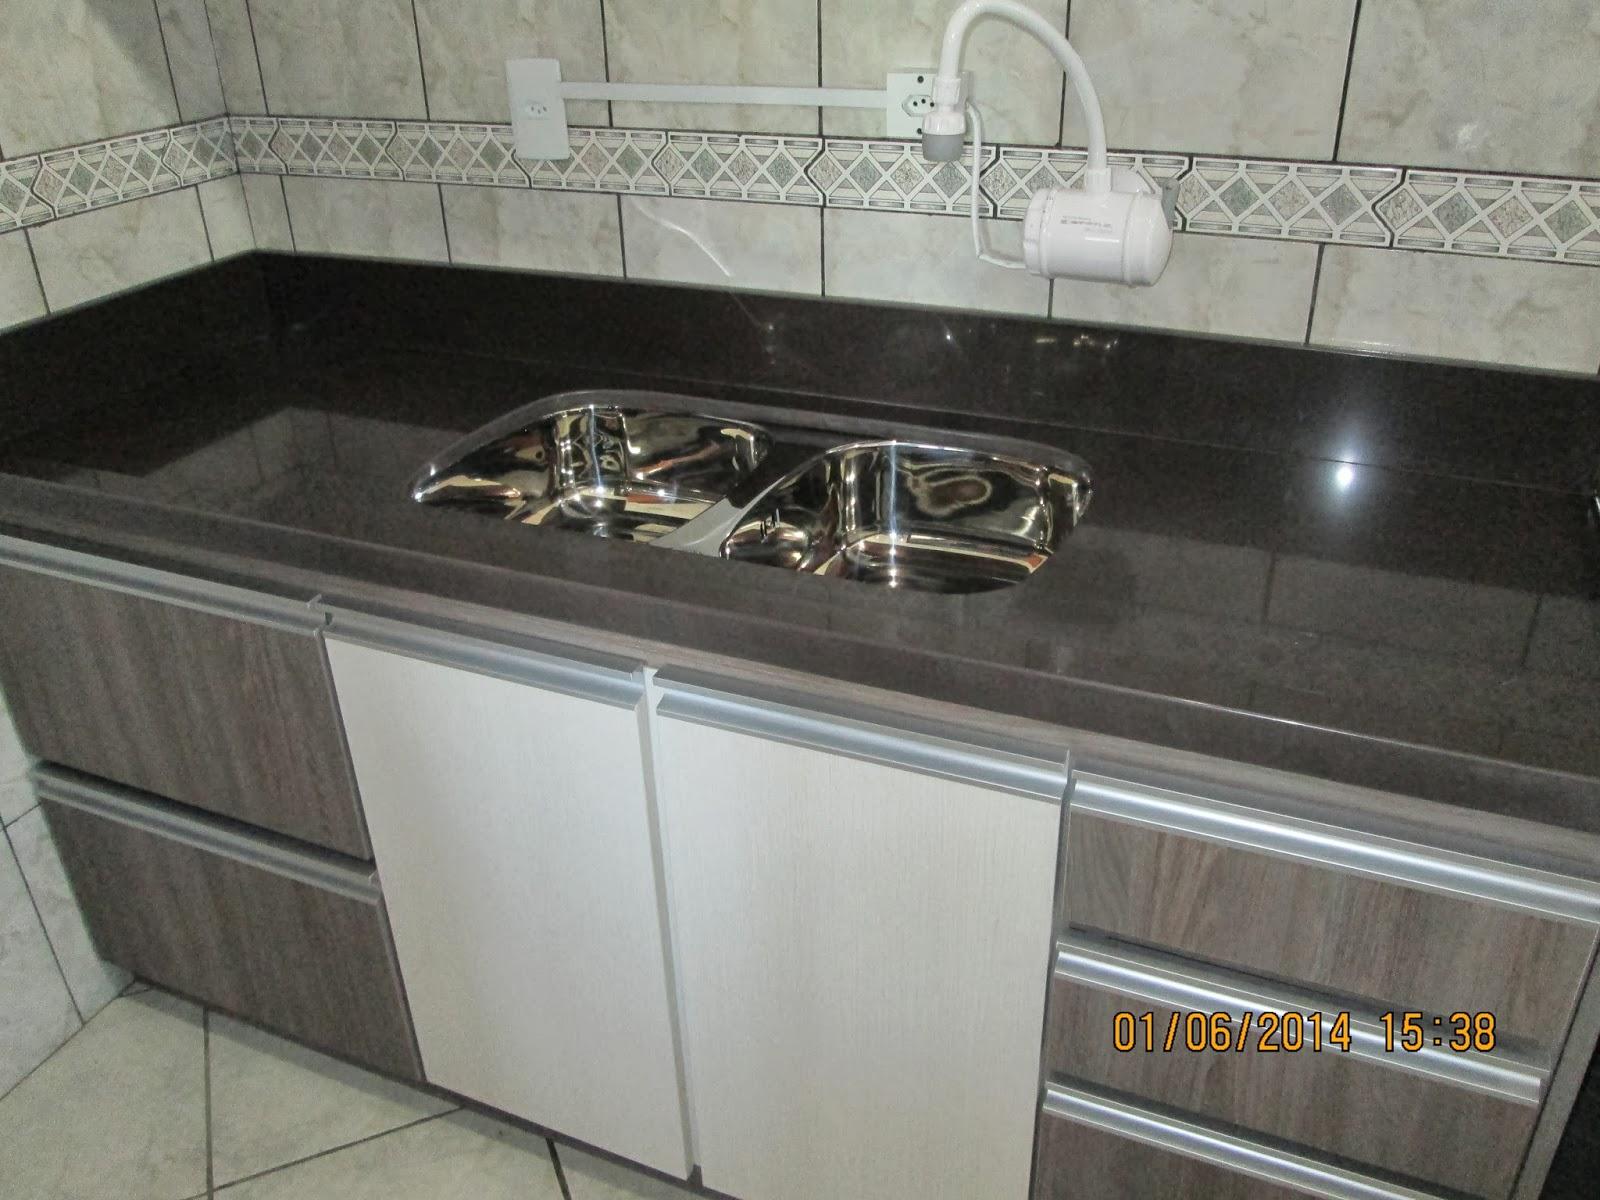 #615A4E MARMORARIA CARDOZO: Bancada de cozinha em granito Marrom Absoluto. 1600x1200 px Banheiro Granito Marrom Absoluto 3063